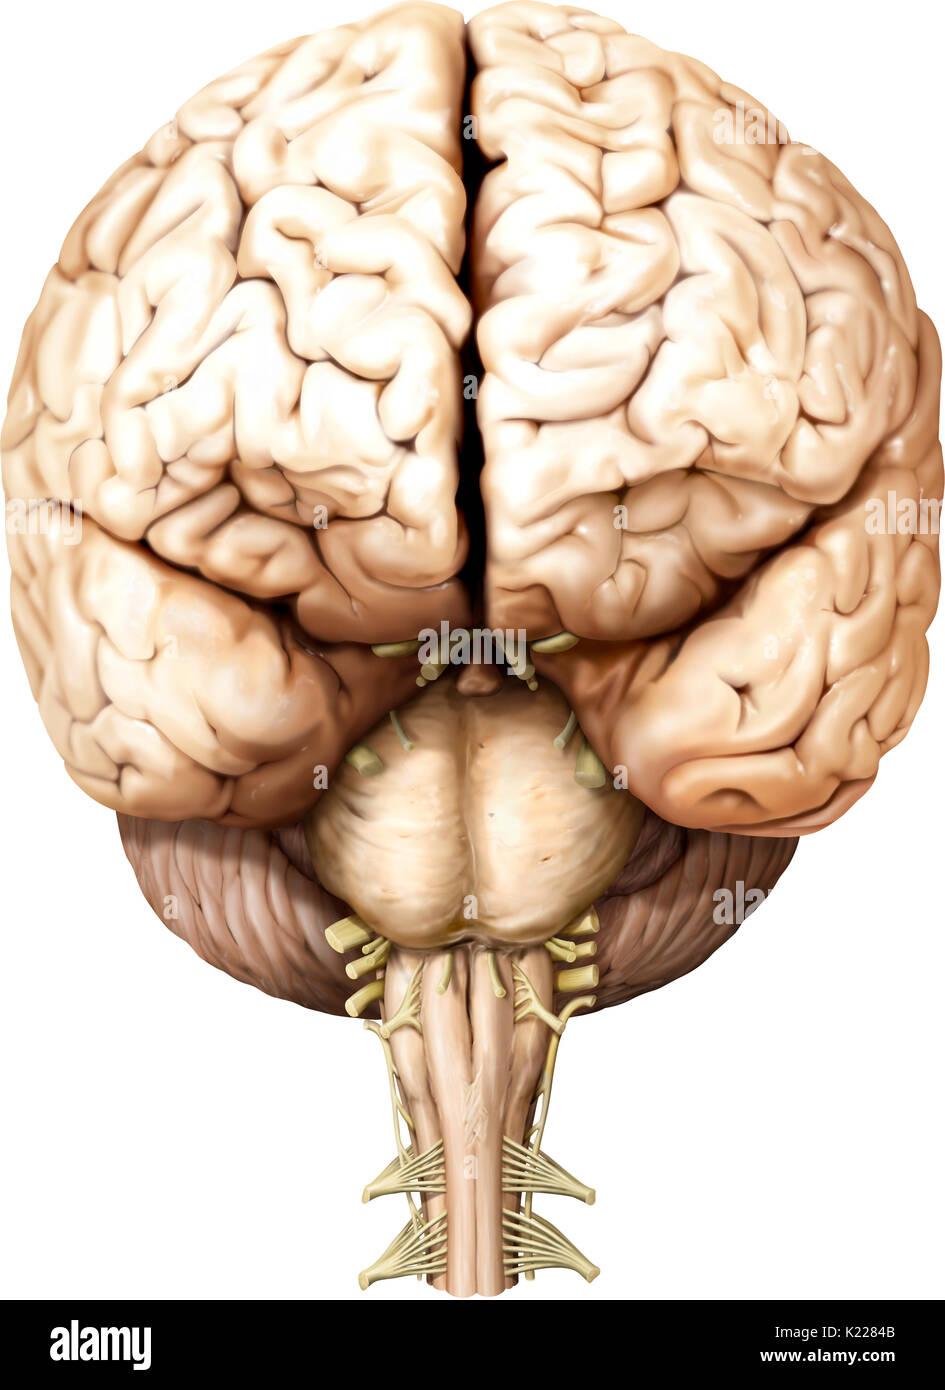 Teil des zentralen Nervensystems im Schädel eingeschlossen ...